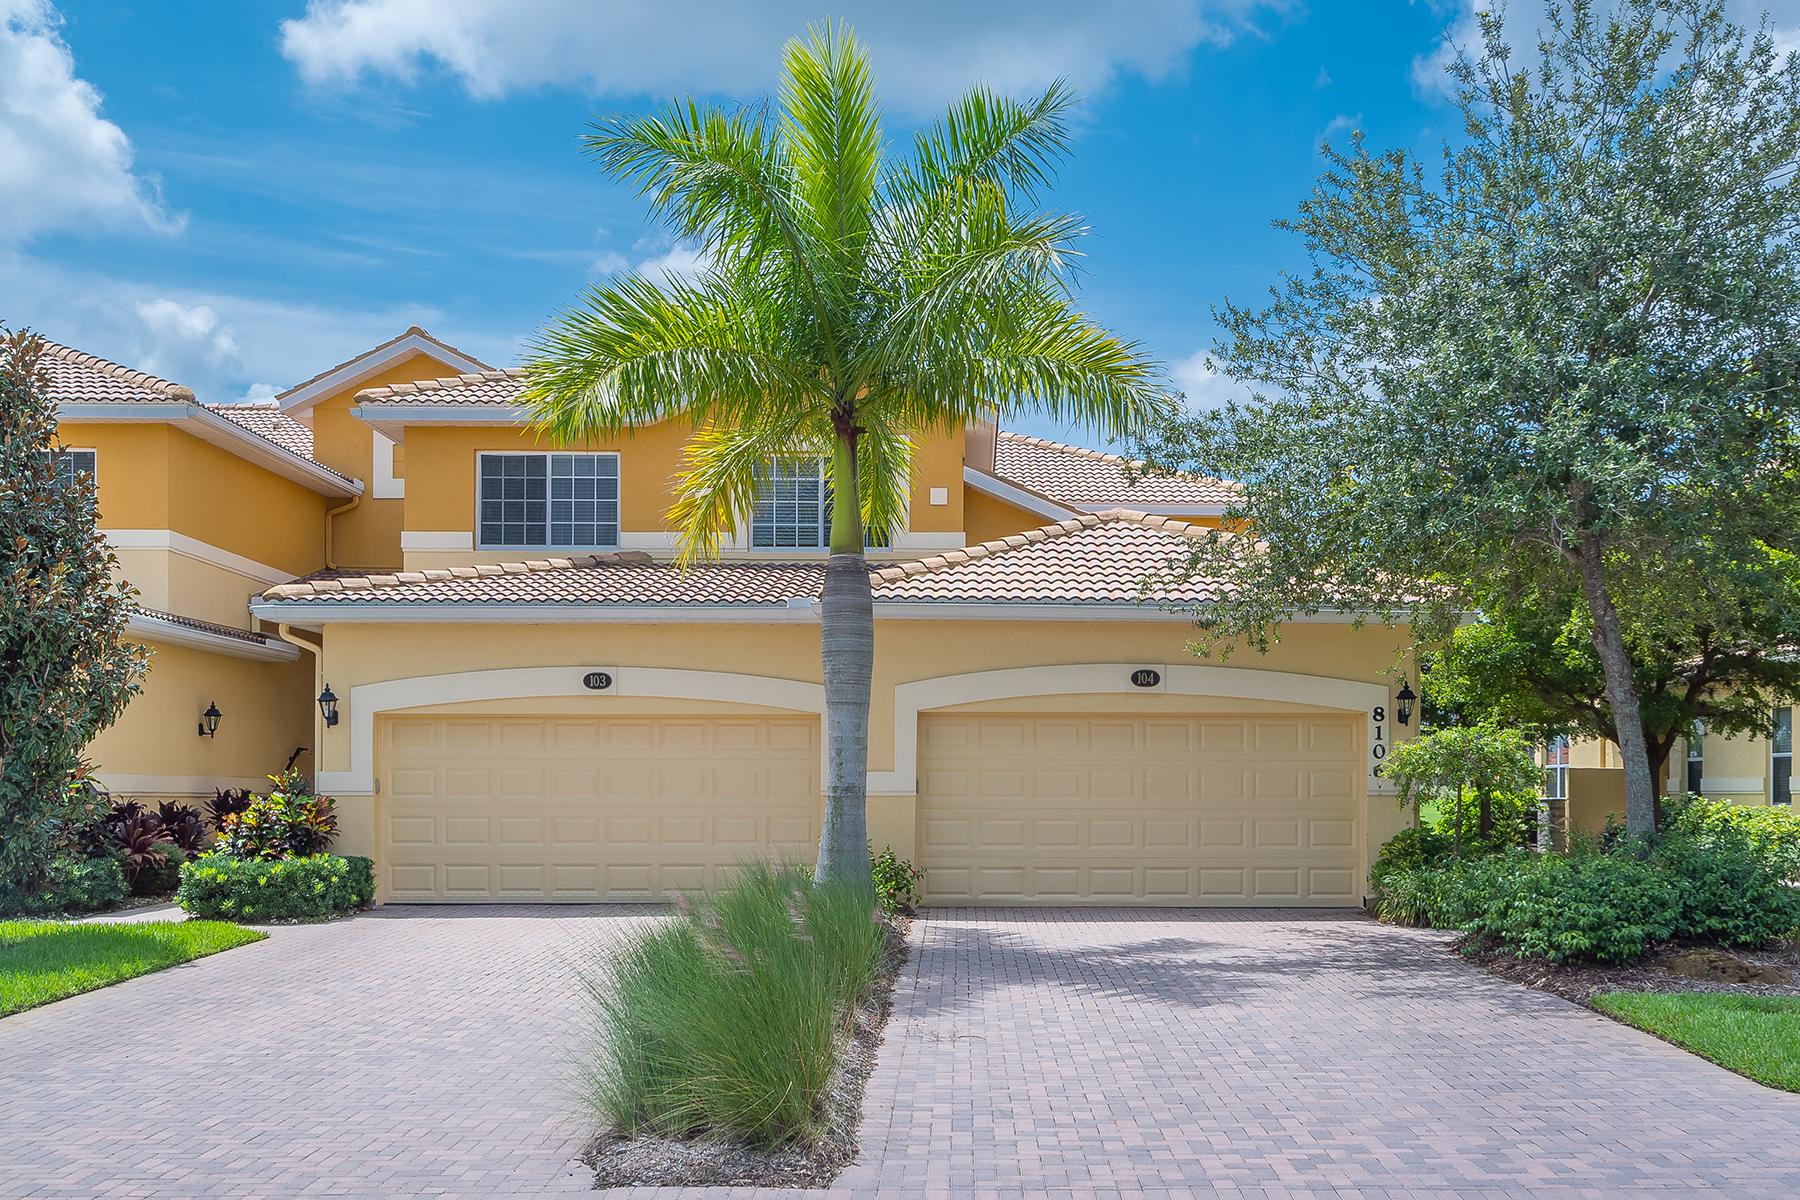 Condomínio para Venda às RIVER STRAND 8106 Grand Estuary Trl 104 Bradenton, Florida 34212 Estados Unidos